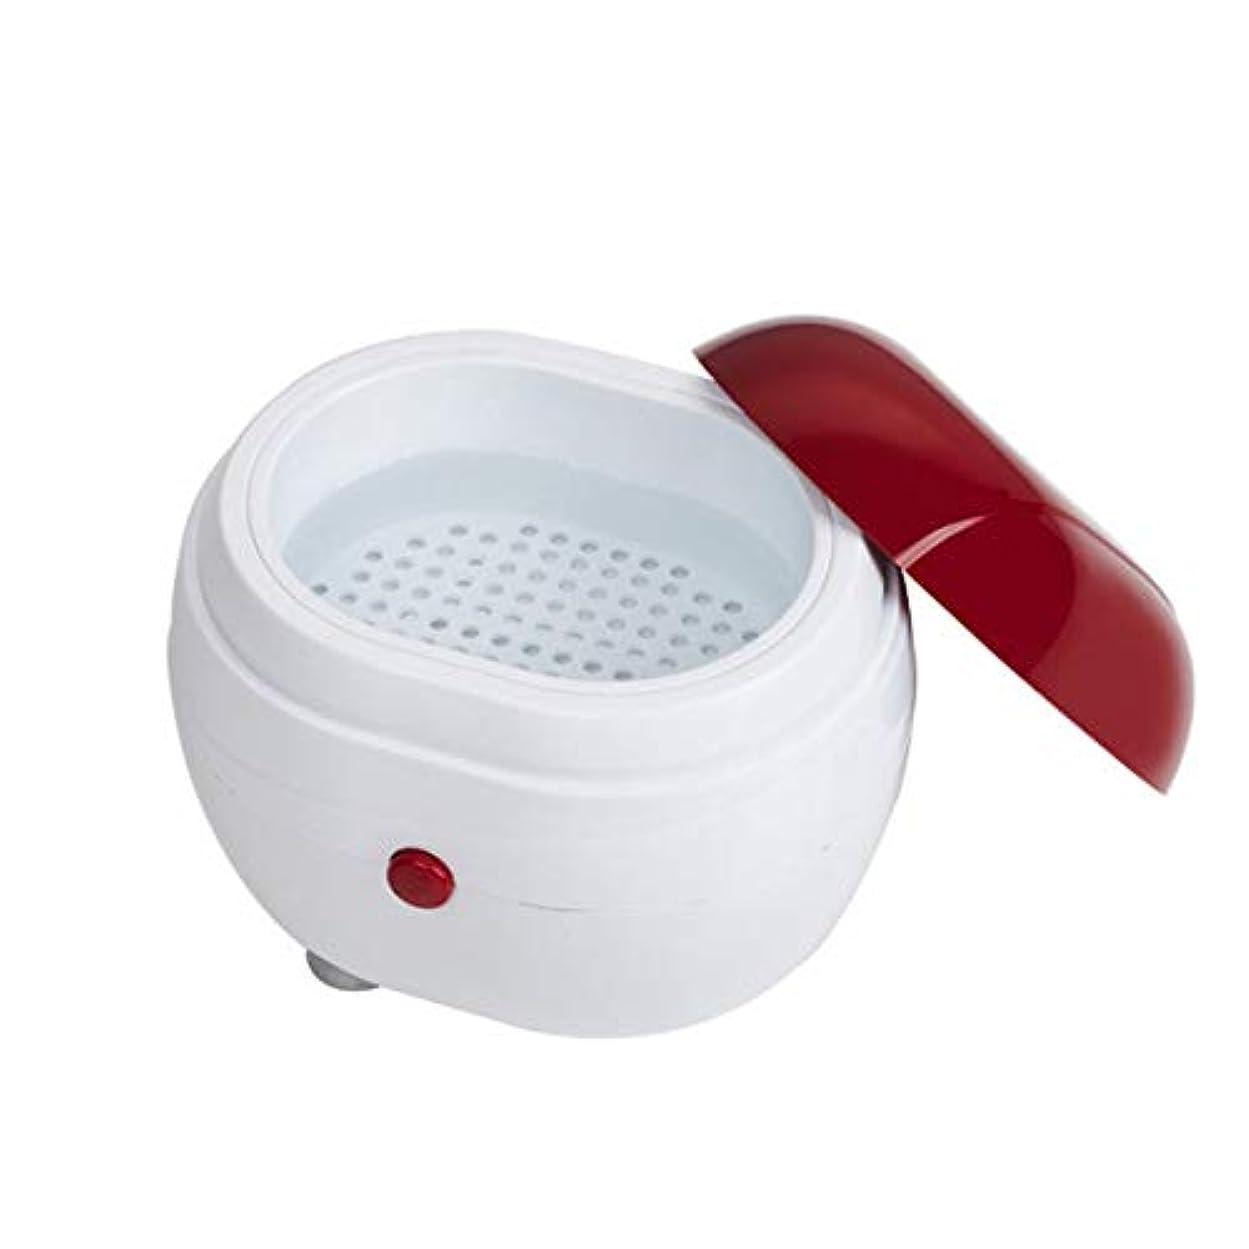 ローブマリナージュースMolySun 歯用ツール 歯清潔 ポータブル超音波洗浄機家庭用ジュエリーレンズ時計入れ歯洗浄機洗濯機クリーナークリーニングボックス 赤と白